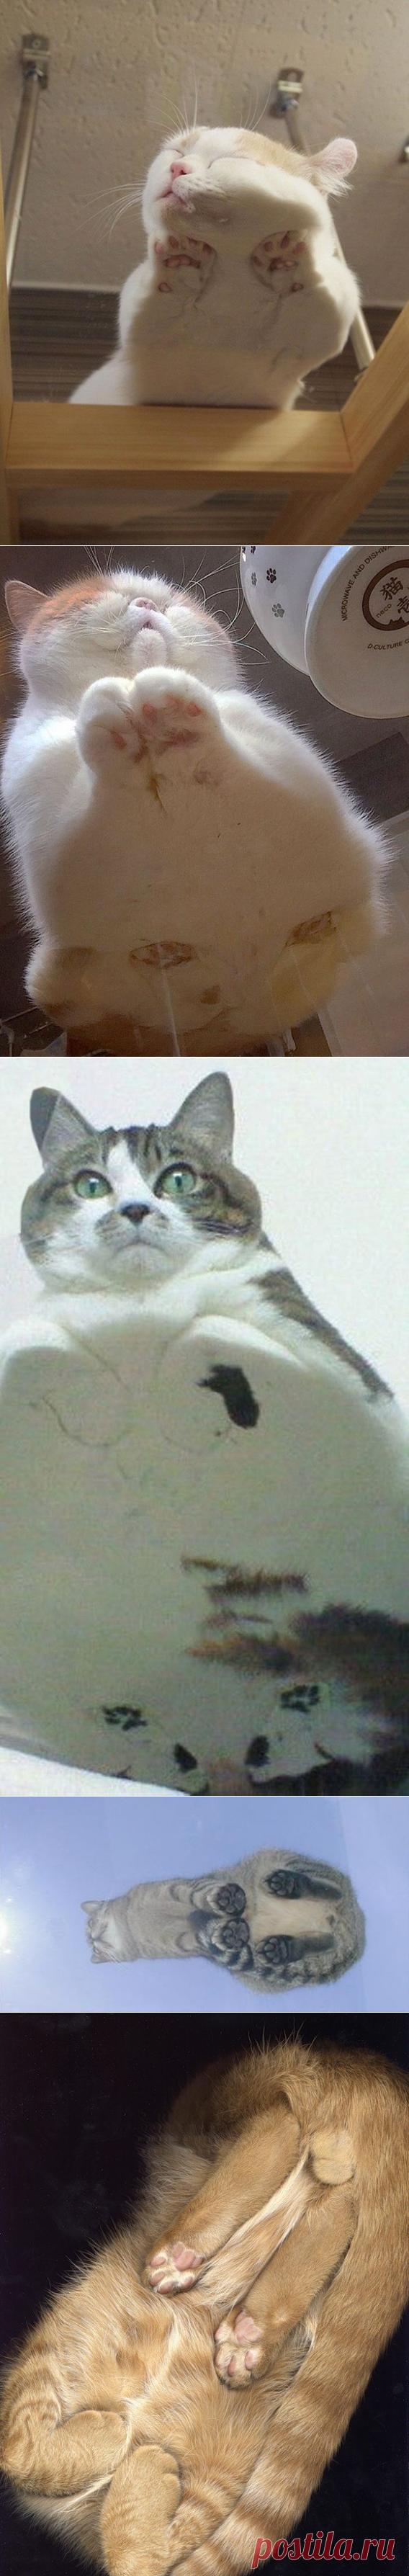 Коты с необычного ракурса.